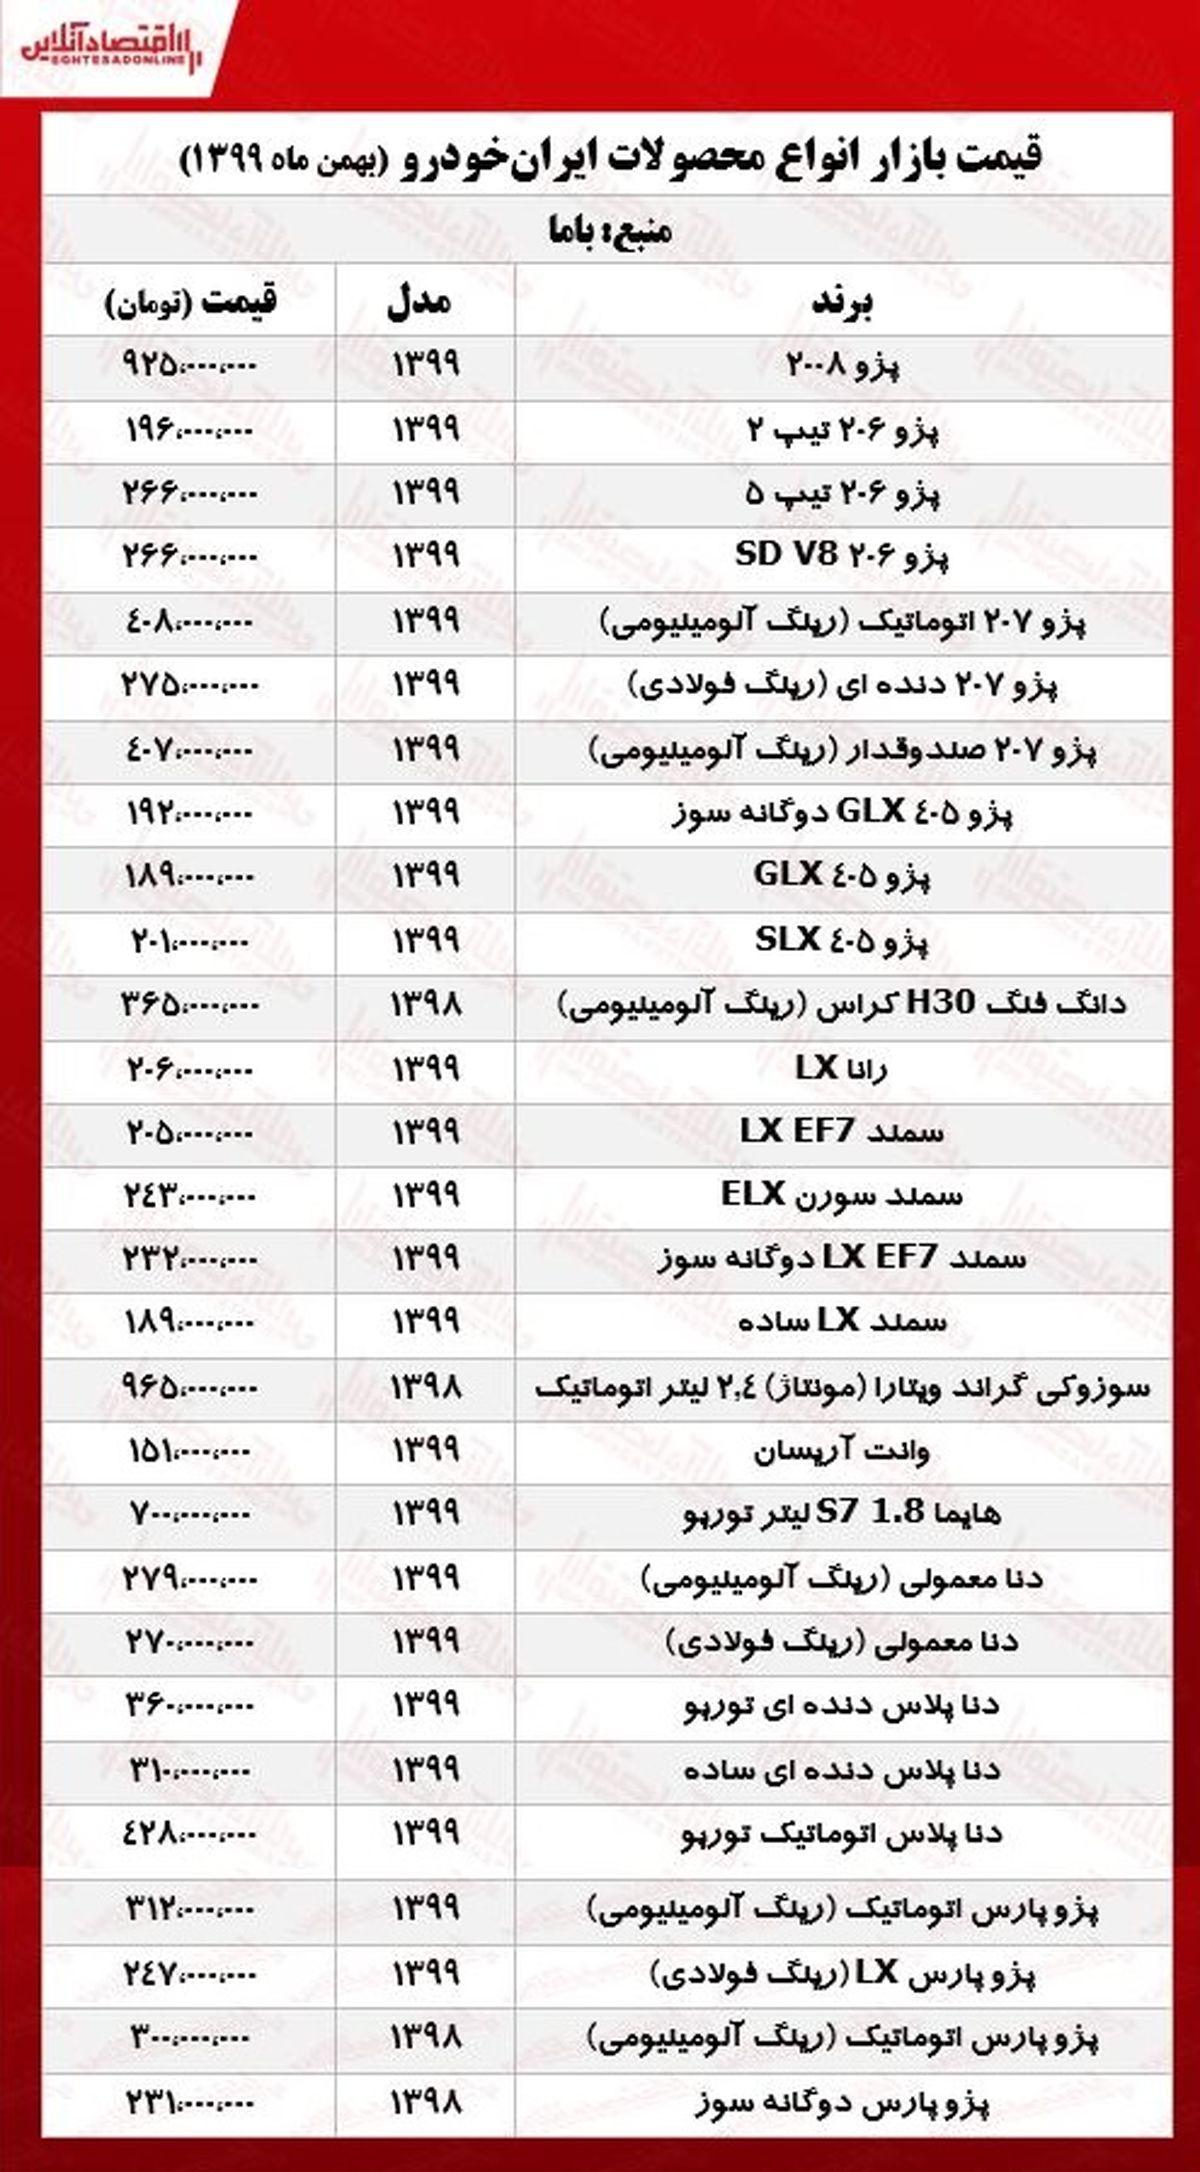 قیمت خودروهای ایران خودرو امروز ۹۹/۱۱/۳۰ +جدول